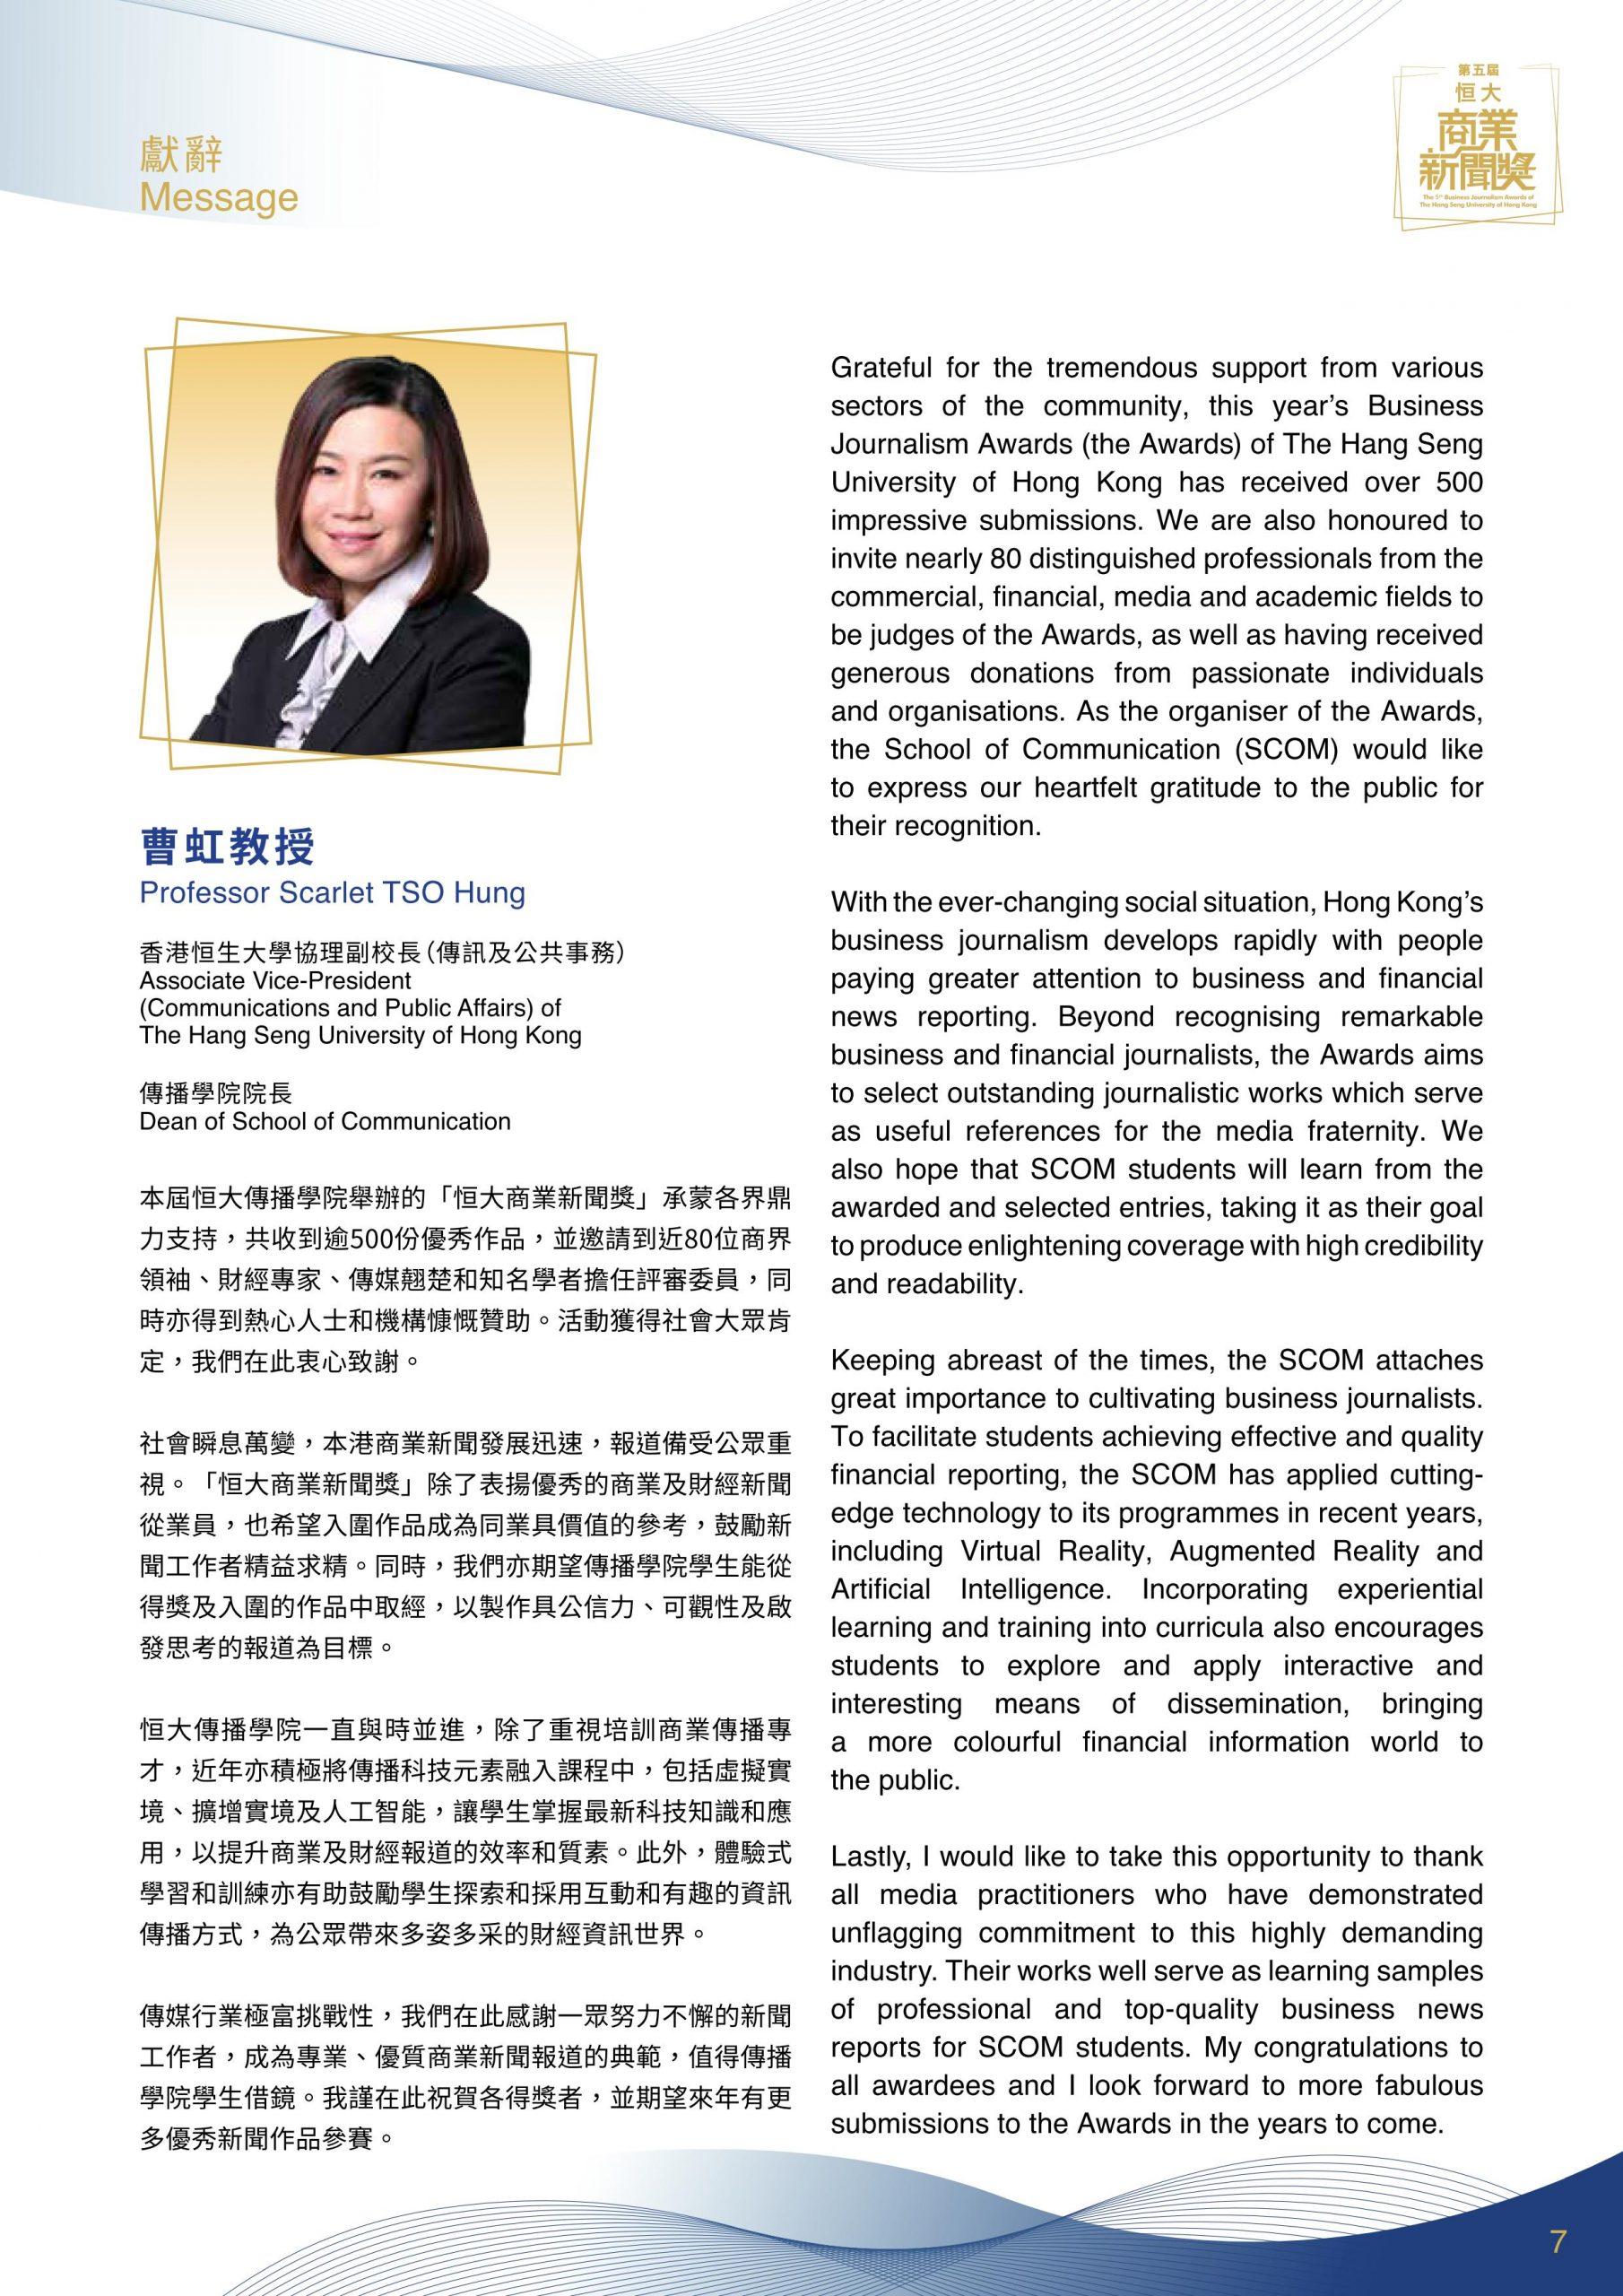 [:en]BJA Booklet_Message_Prof Scarlet Tso[:hk]第五屆恒大商業新聞獎_場刊_嘉賓獻辭_曹虹教授[:]